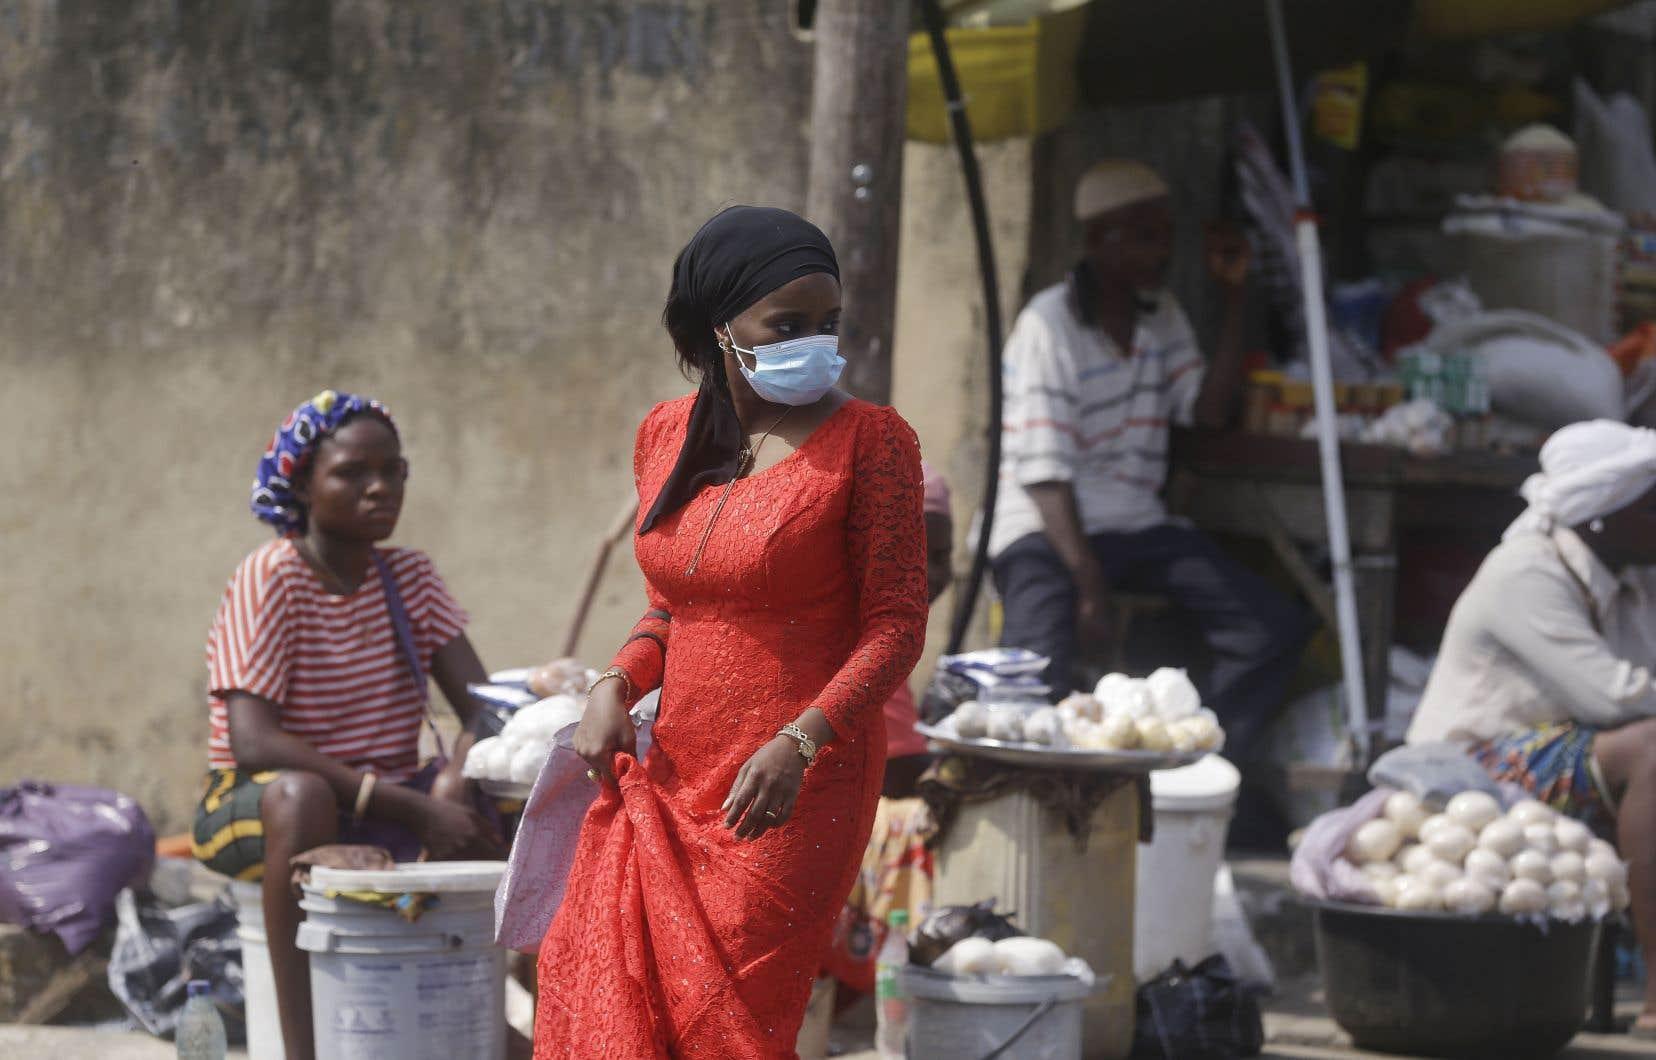 La variante du Nigéria, le pays le plus peuplé d'Afrique, a été trouvée dans deux échantillons de patients collectés le 3août et le 9octobre dans l'État d'Osun.